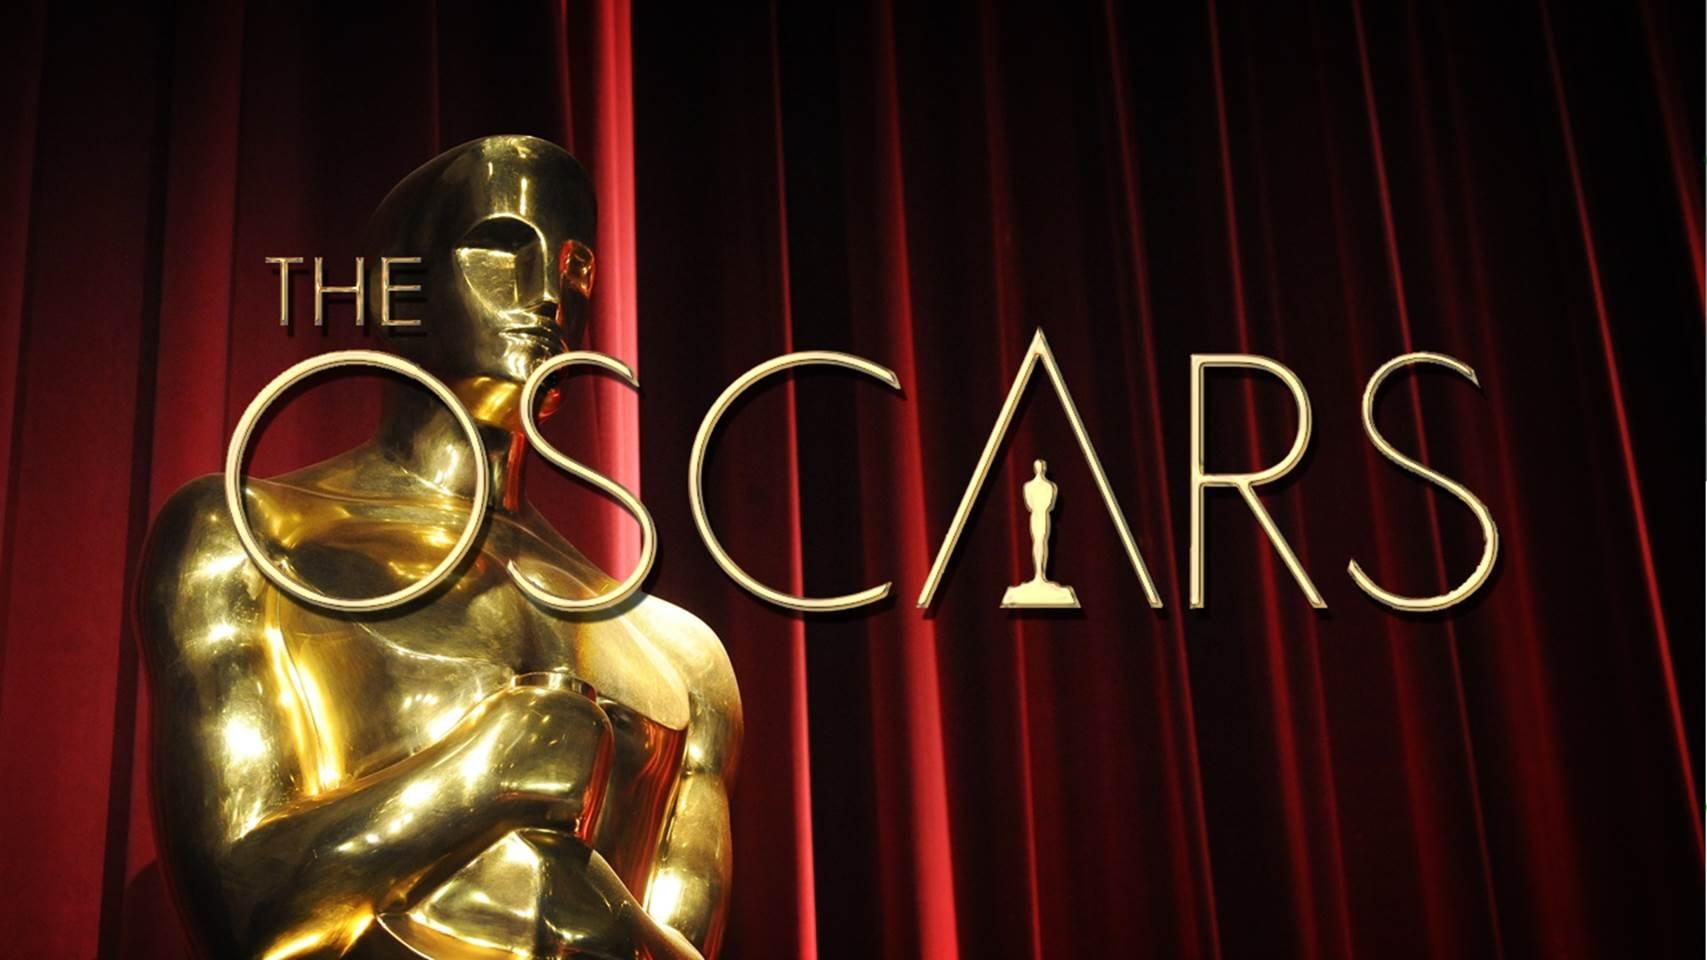 Оскар заставка картинки